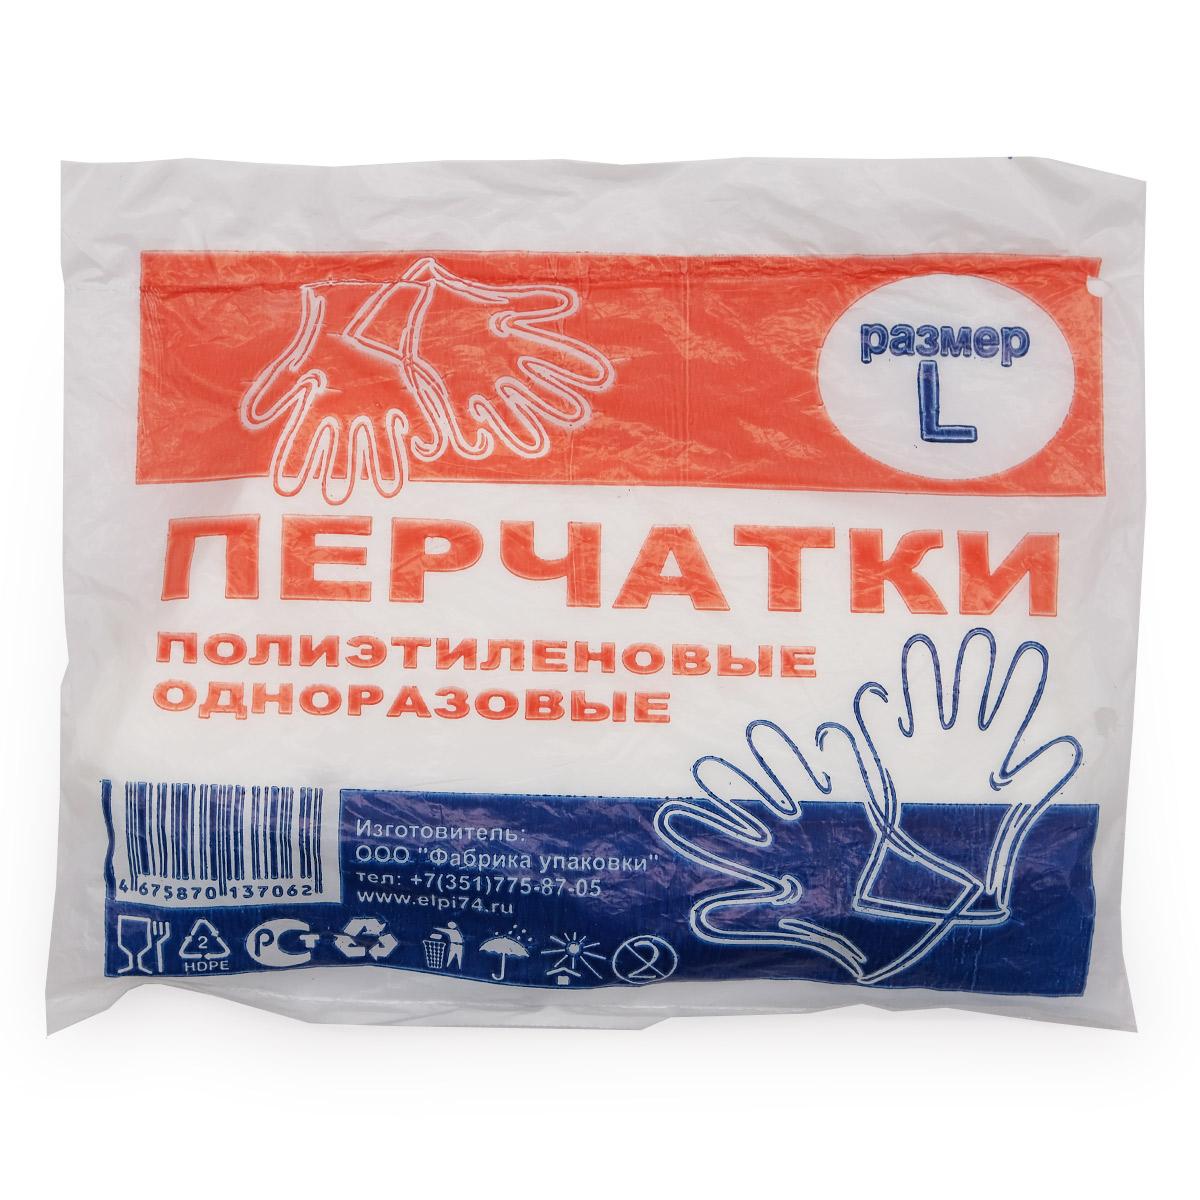 Перчатки ПНД однораз. 100шт L